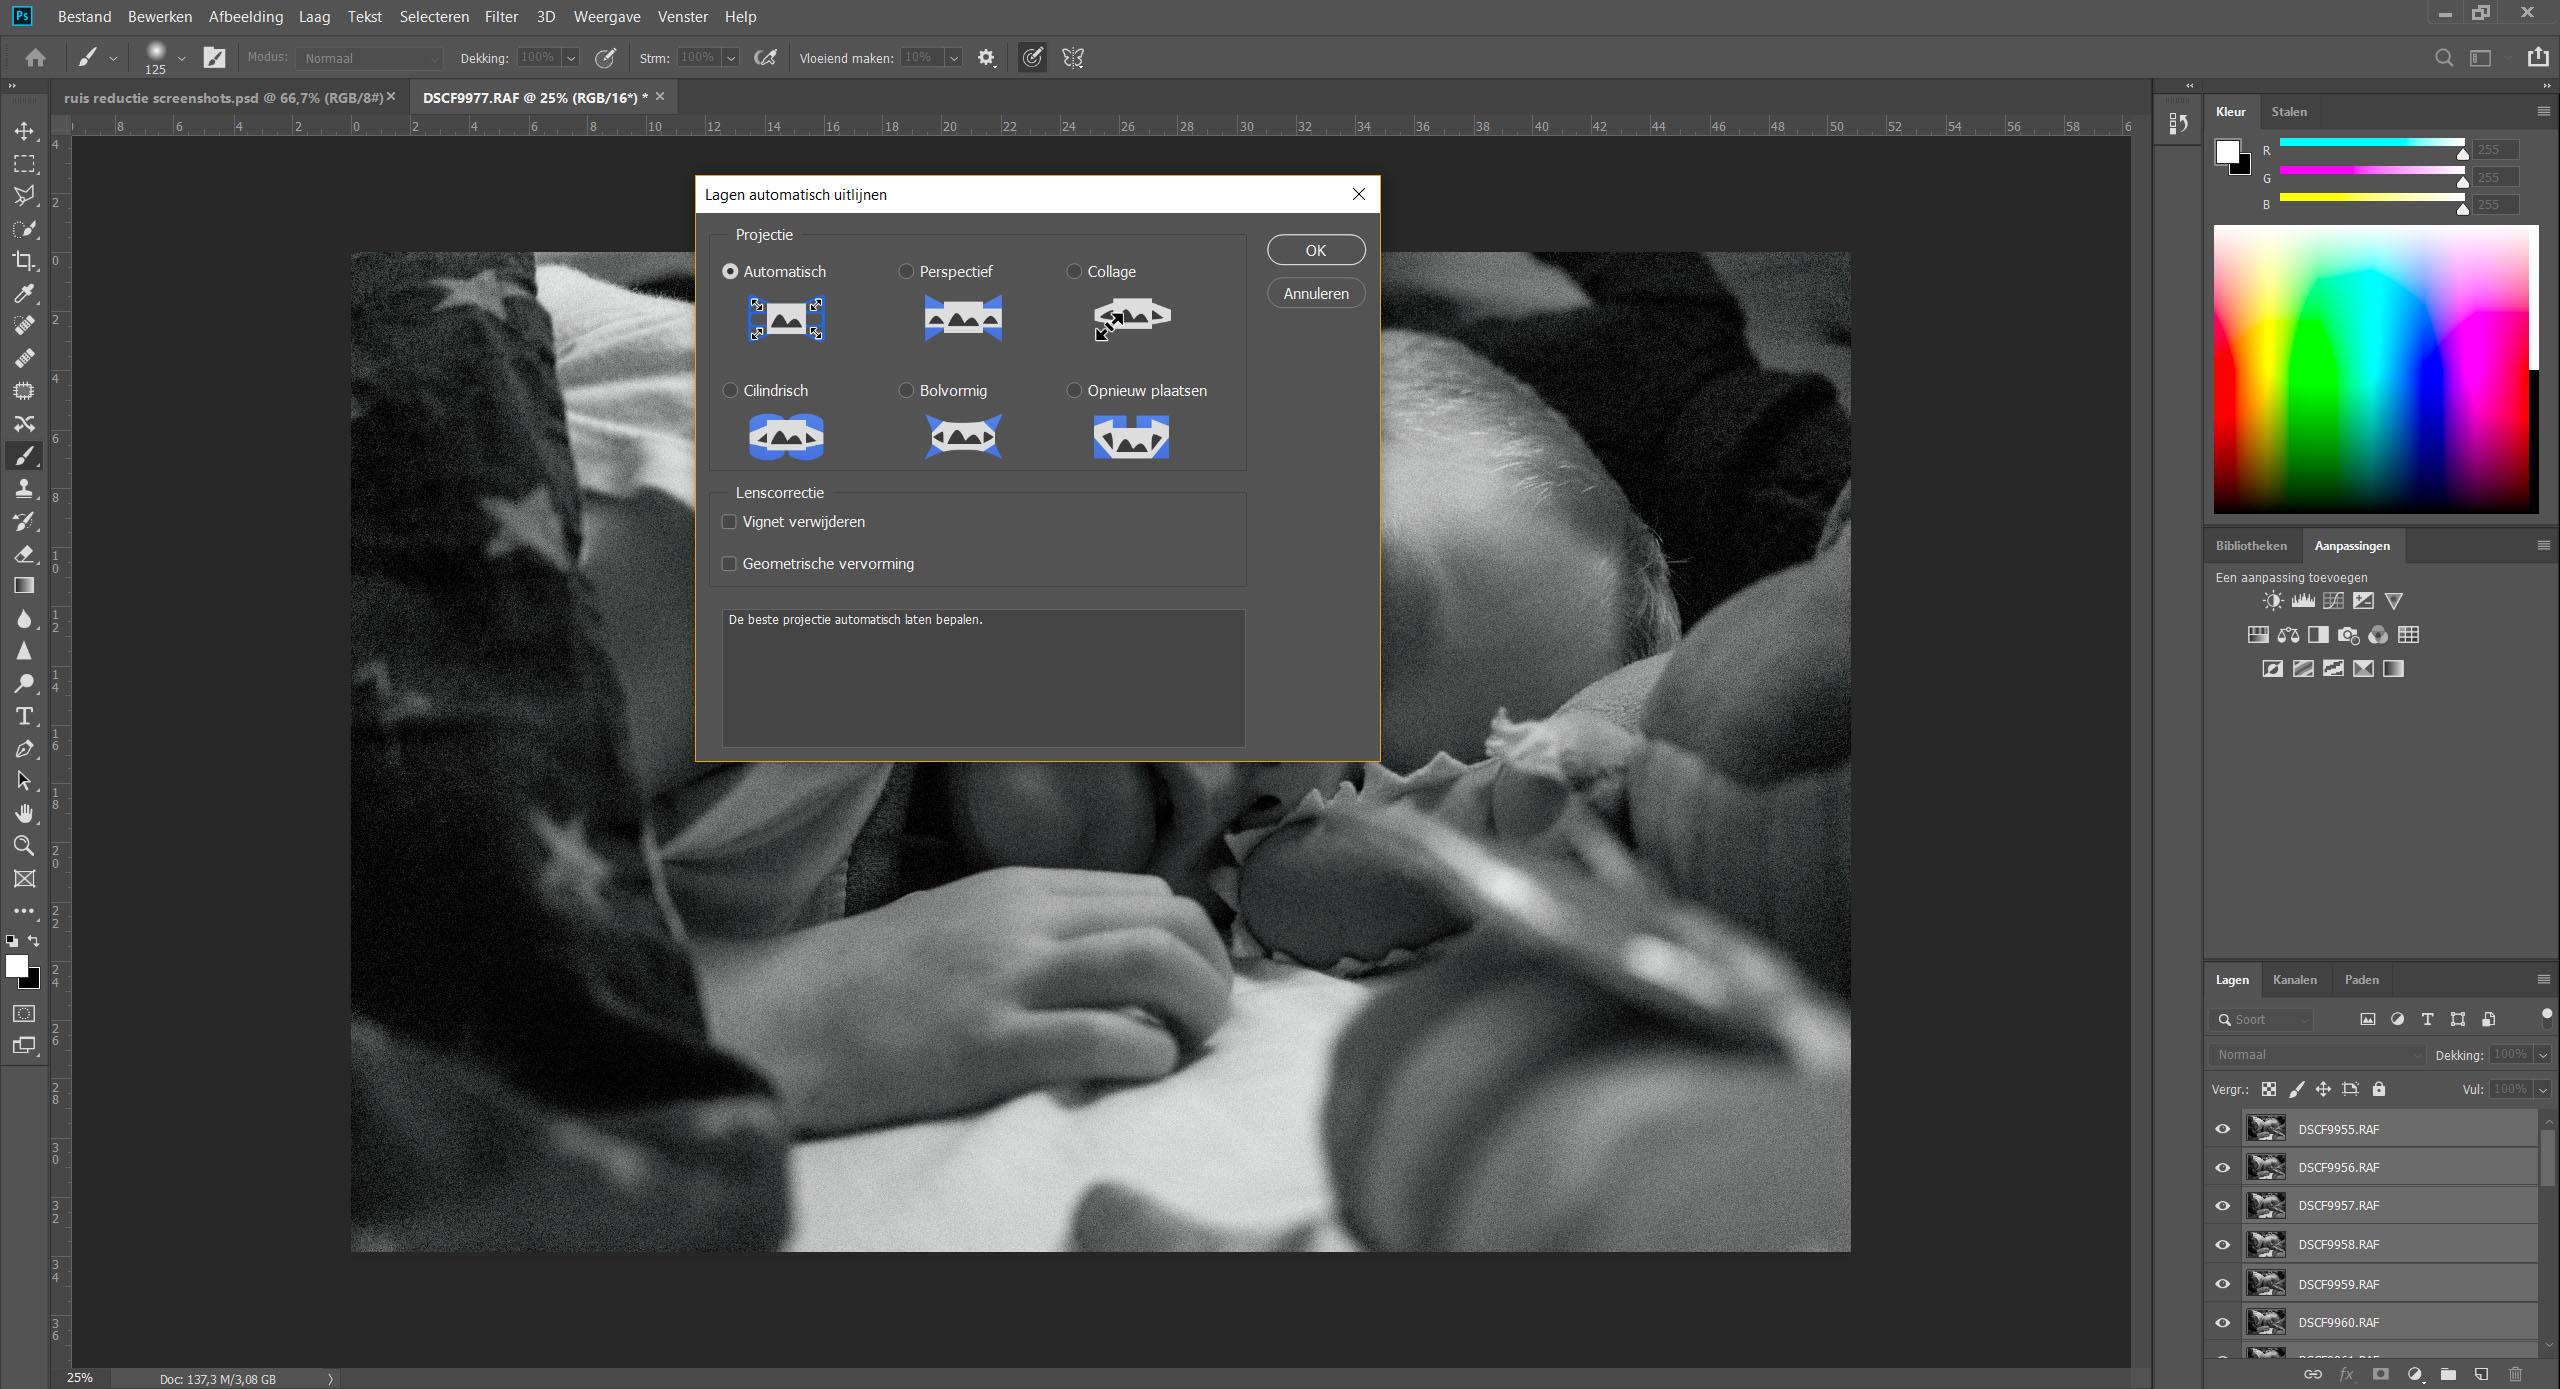 Voorbeeld van foto's uitlijnen in Photoshop